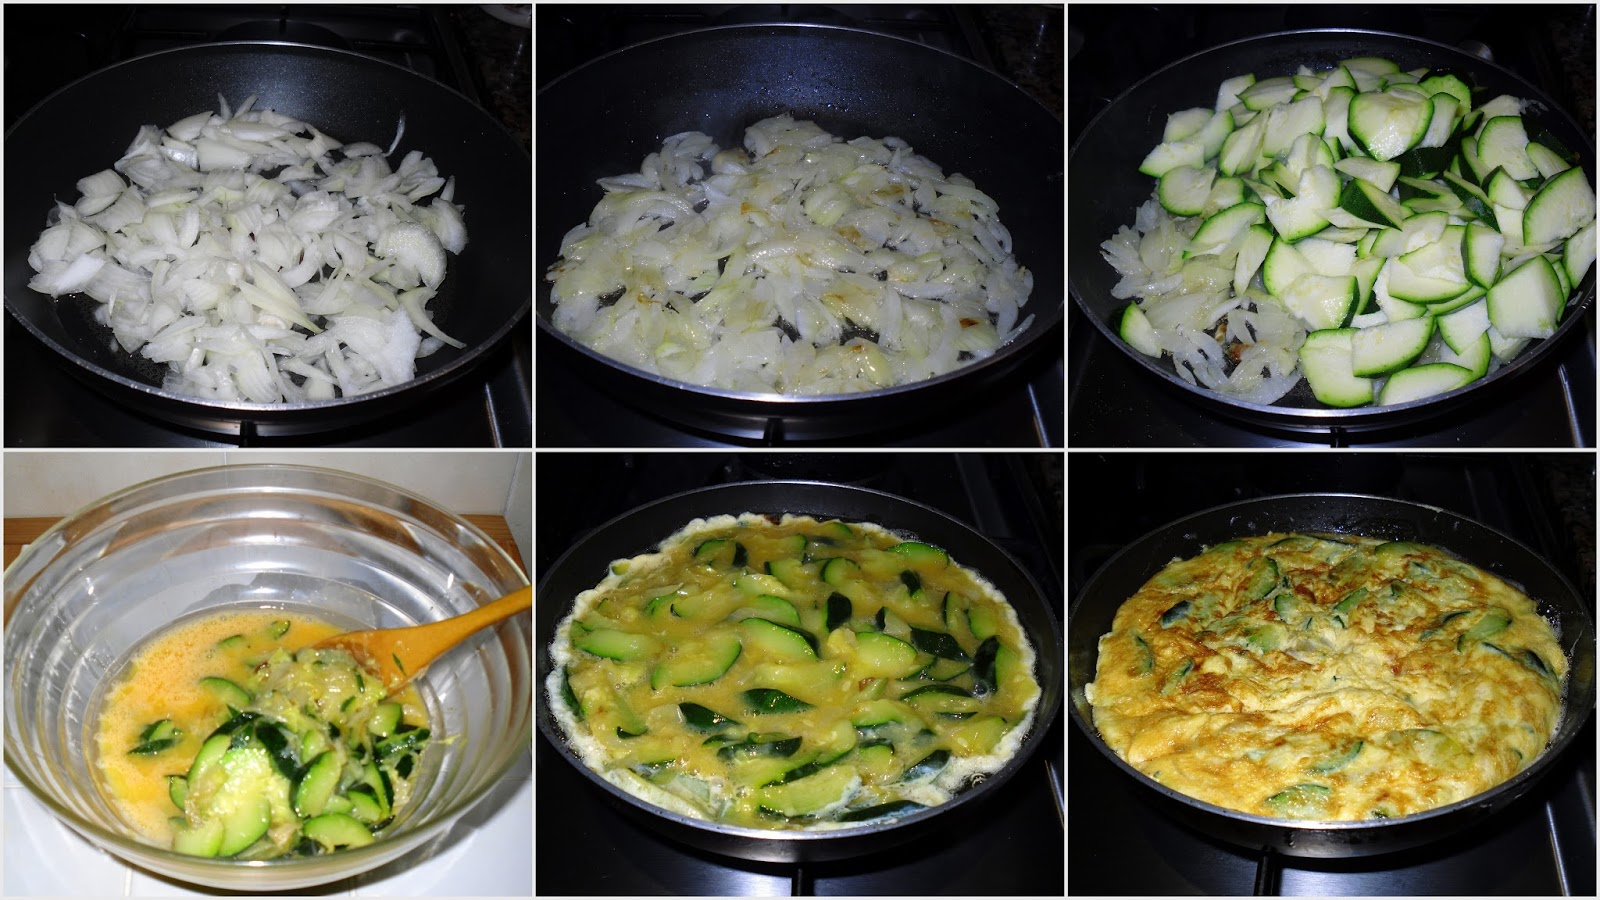 Recetas de mi madre y mias tortilla de calabacin y cebolla - Tortilla de calabacin y cebolla ...